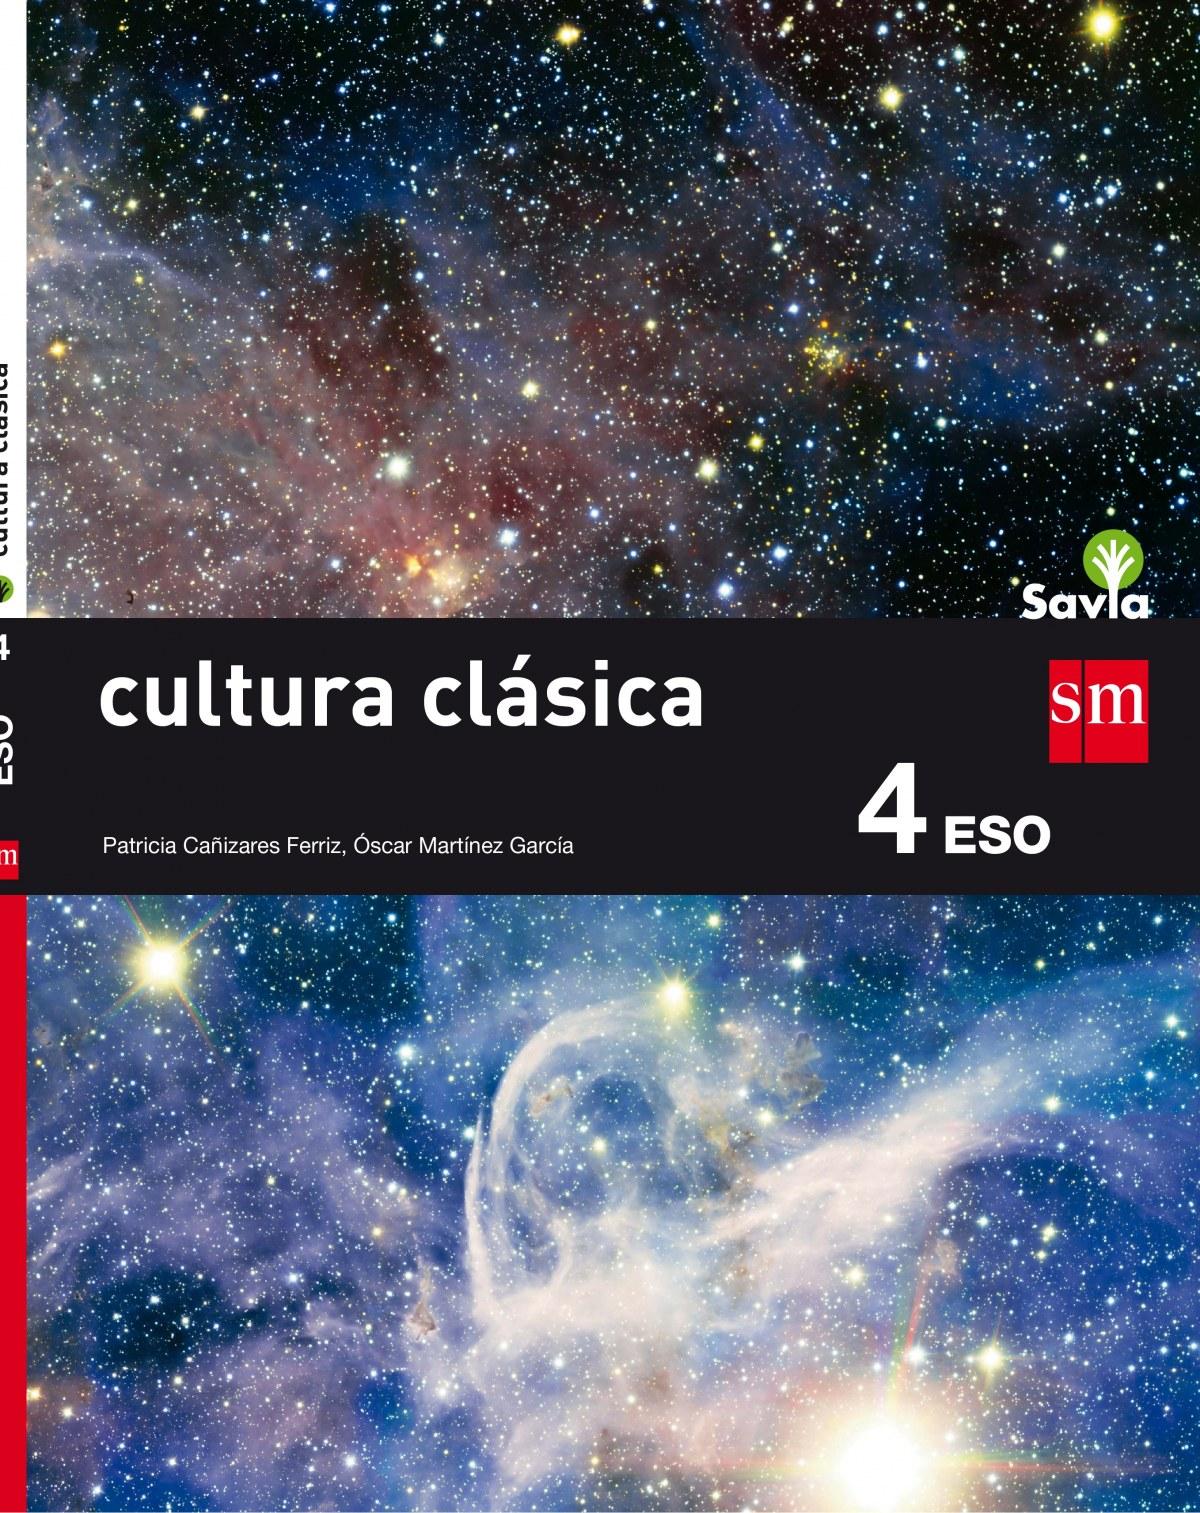 Cultura clásica II 4o.eso savia 2016 9788467587036